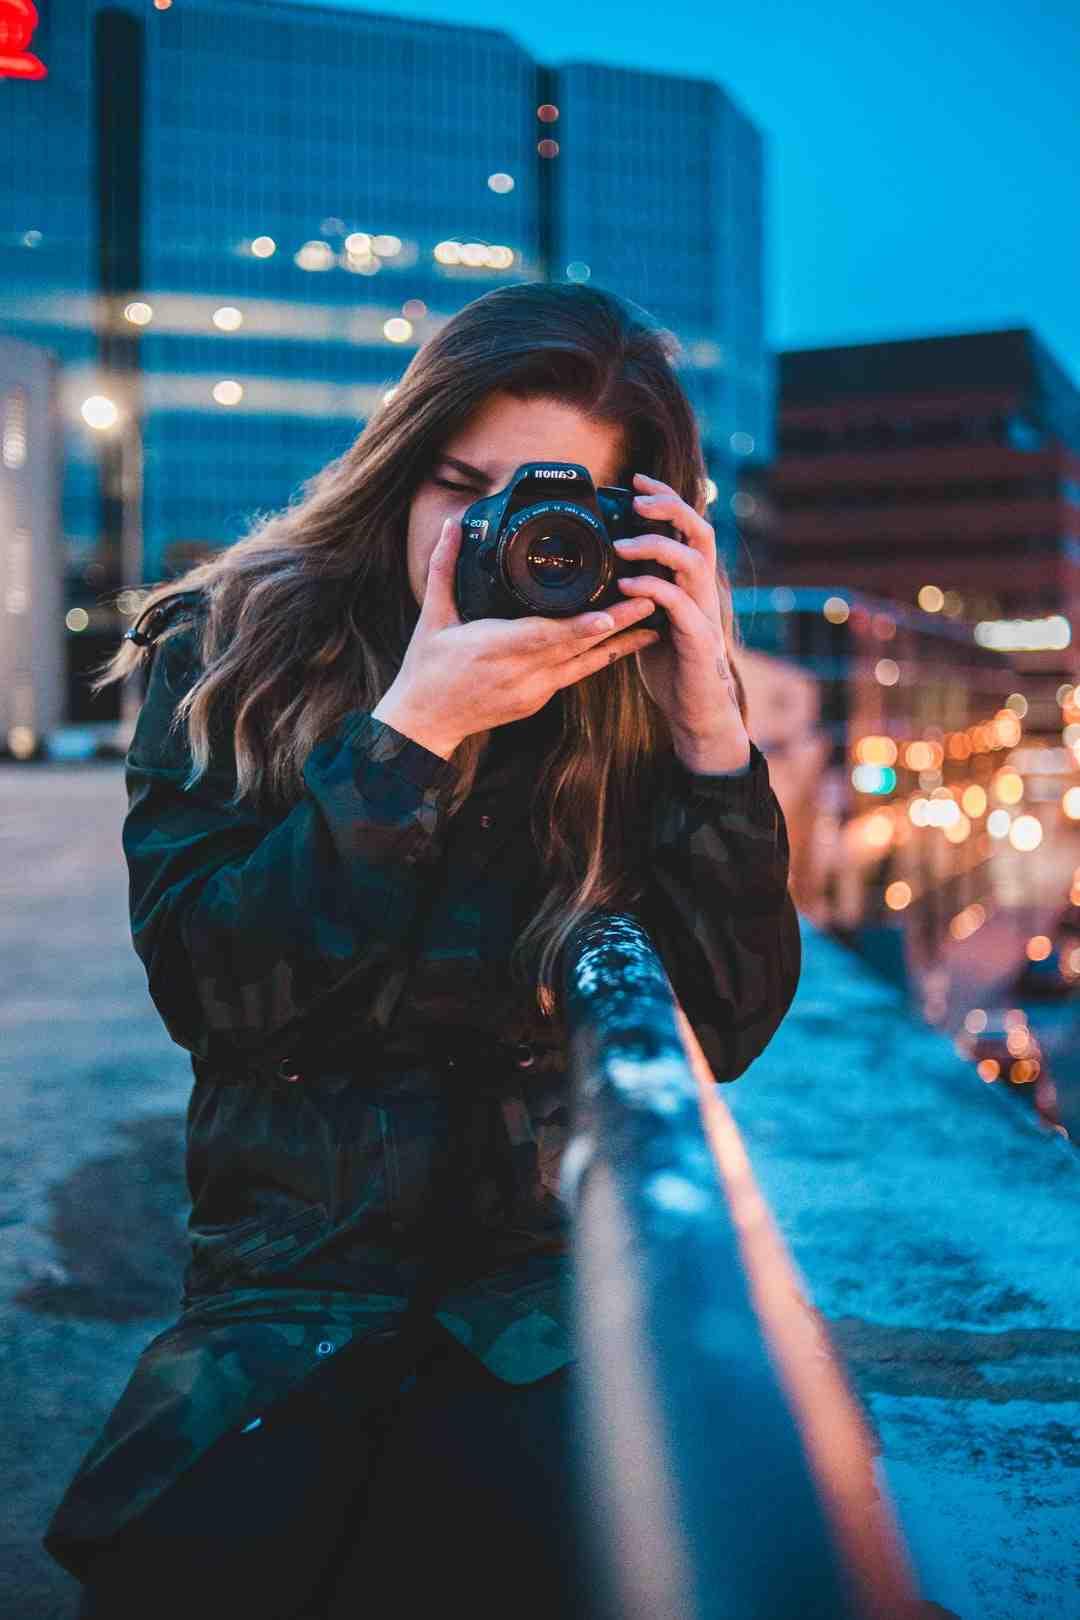 Quel appareil photo choisir pour faire de belles photos ?